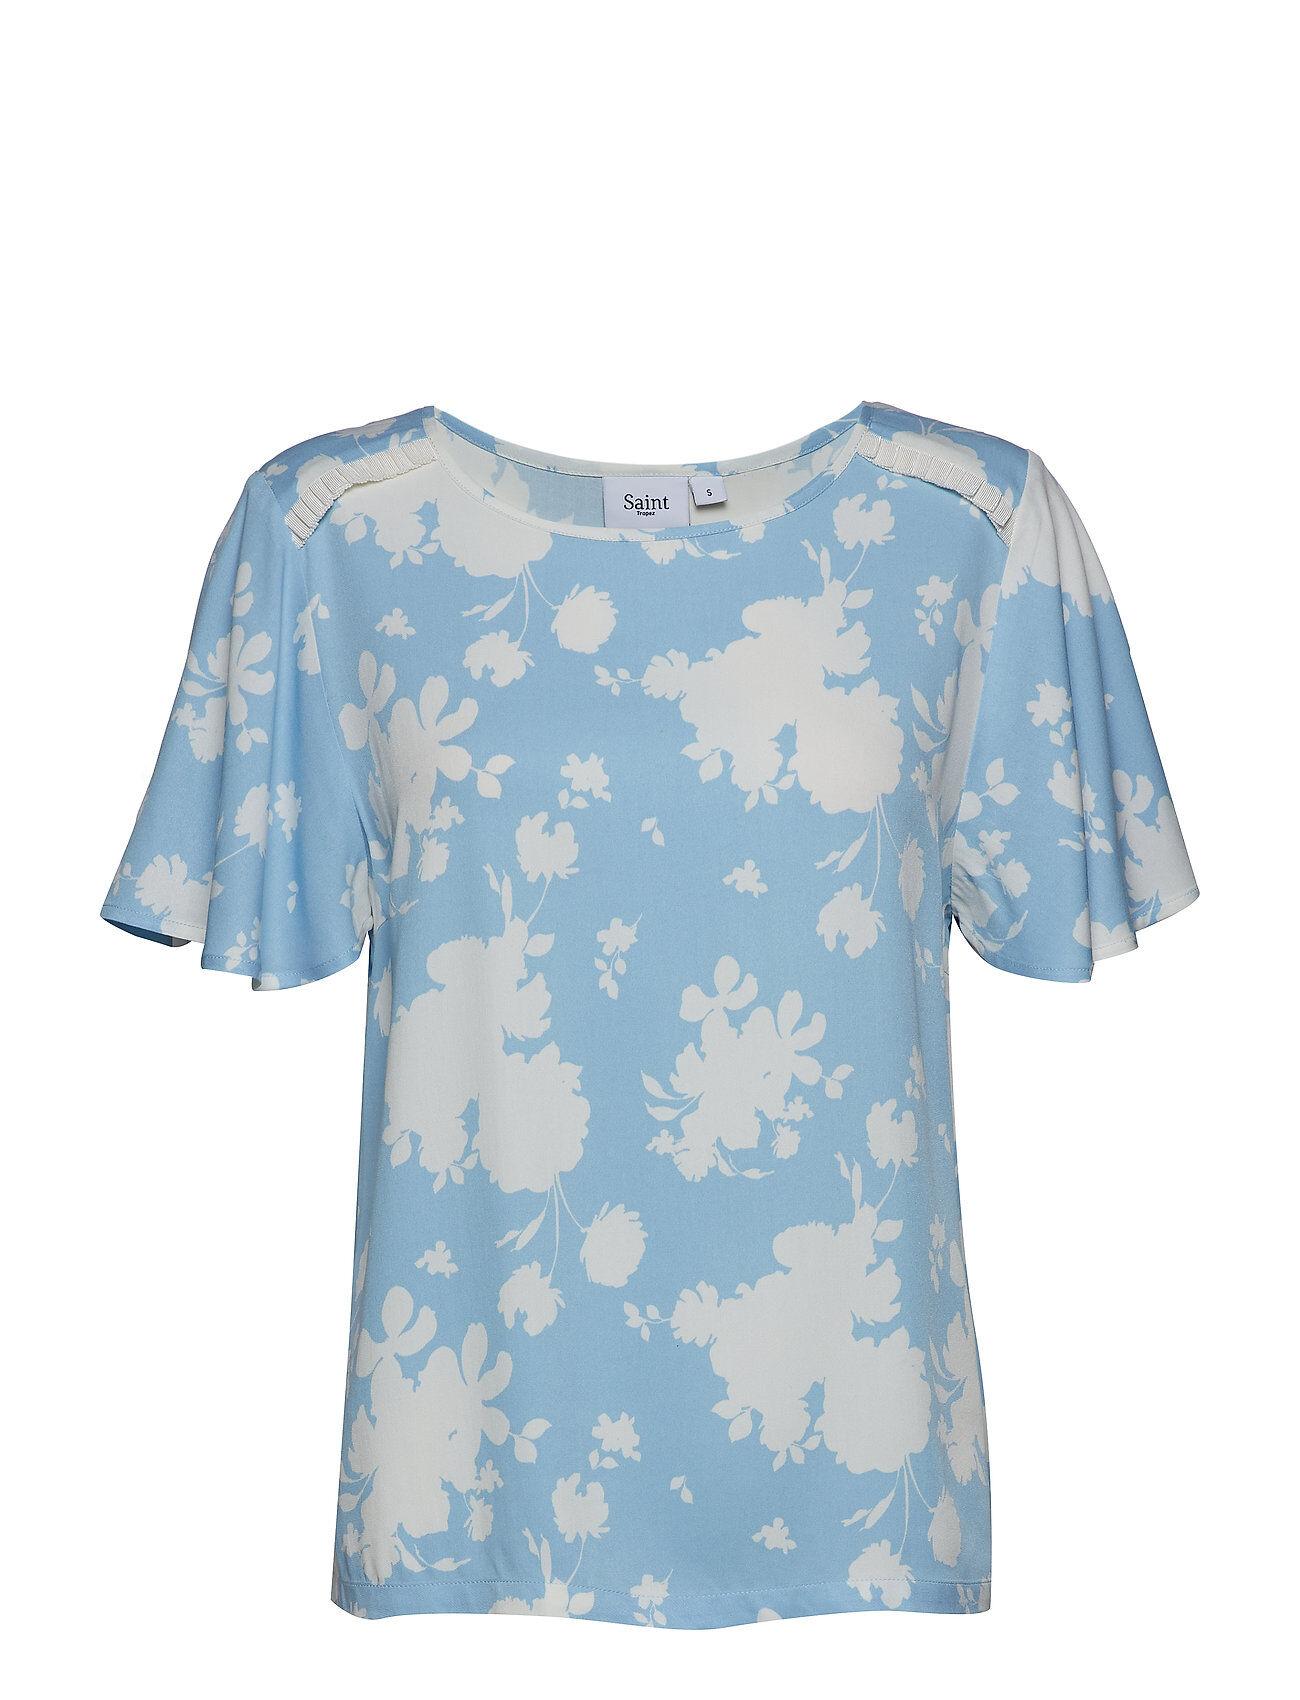 Saint Tropez Candy Flower P Top Blouses Short-sleeved Sininen Saint Tropez